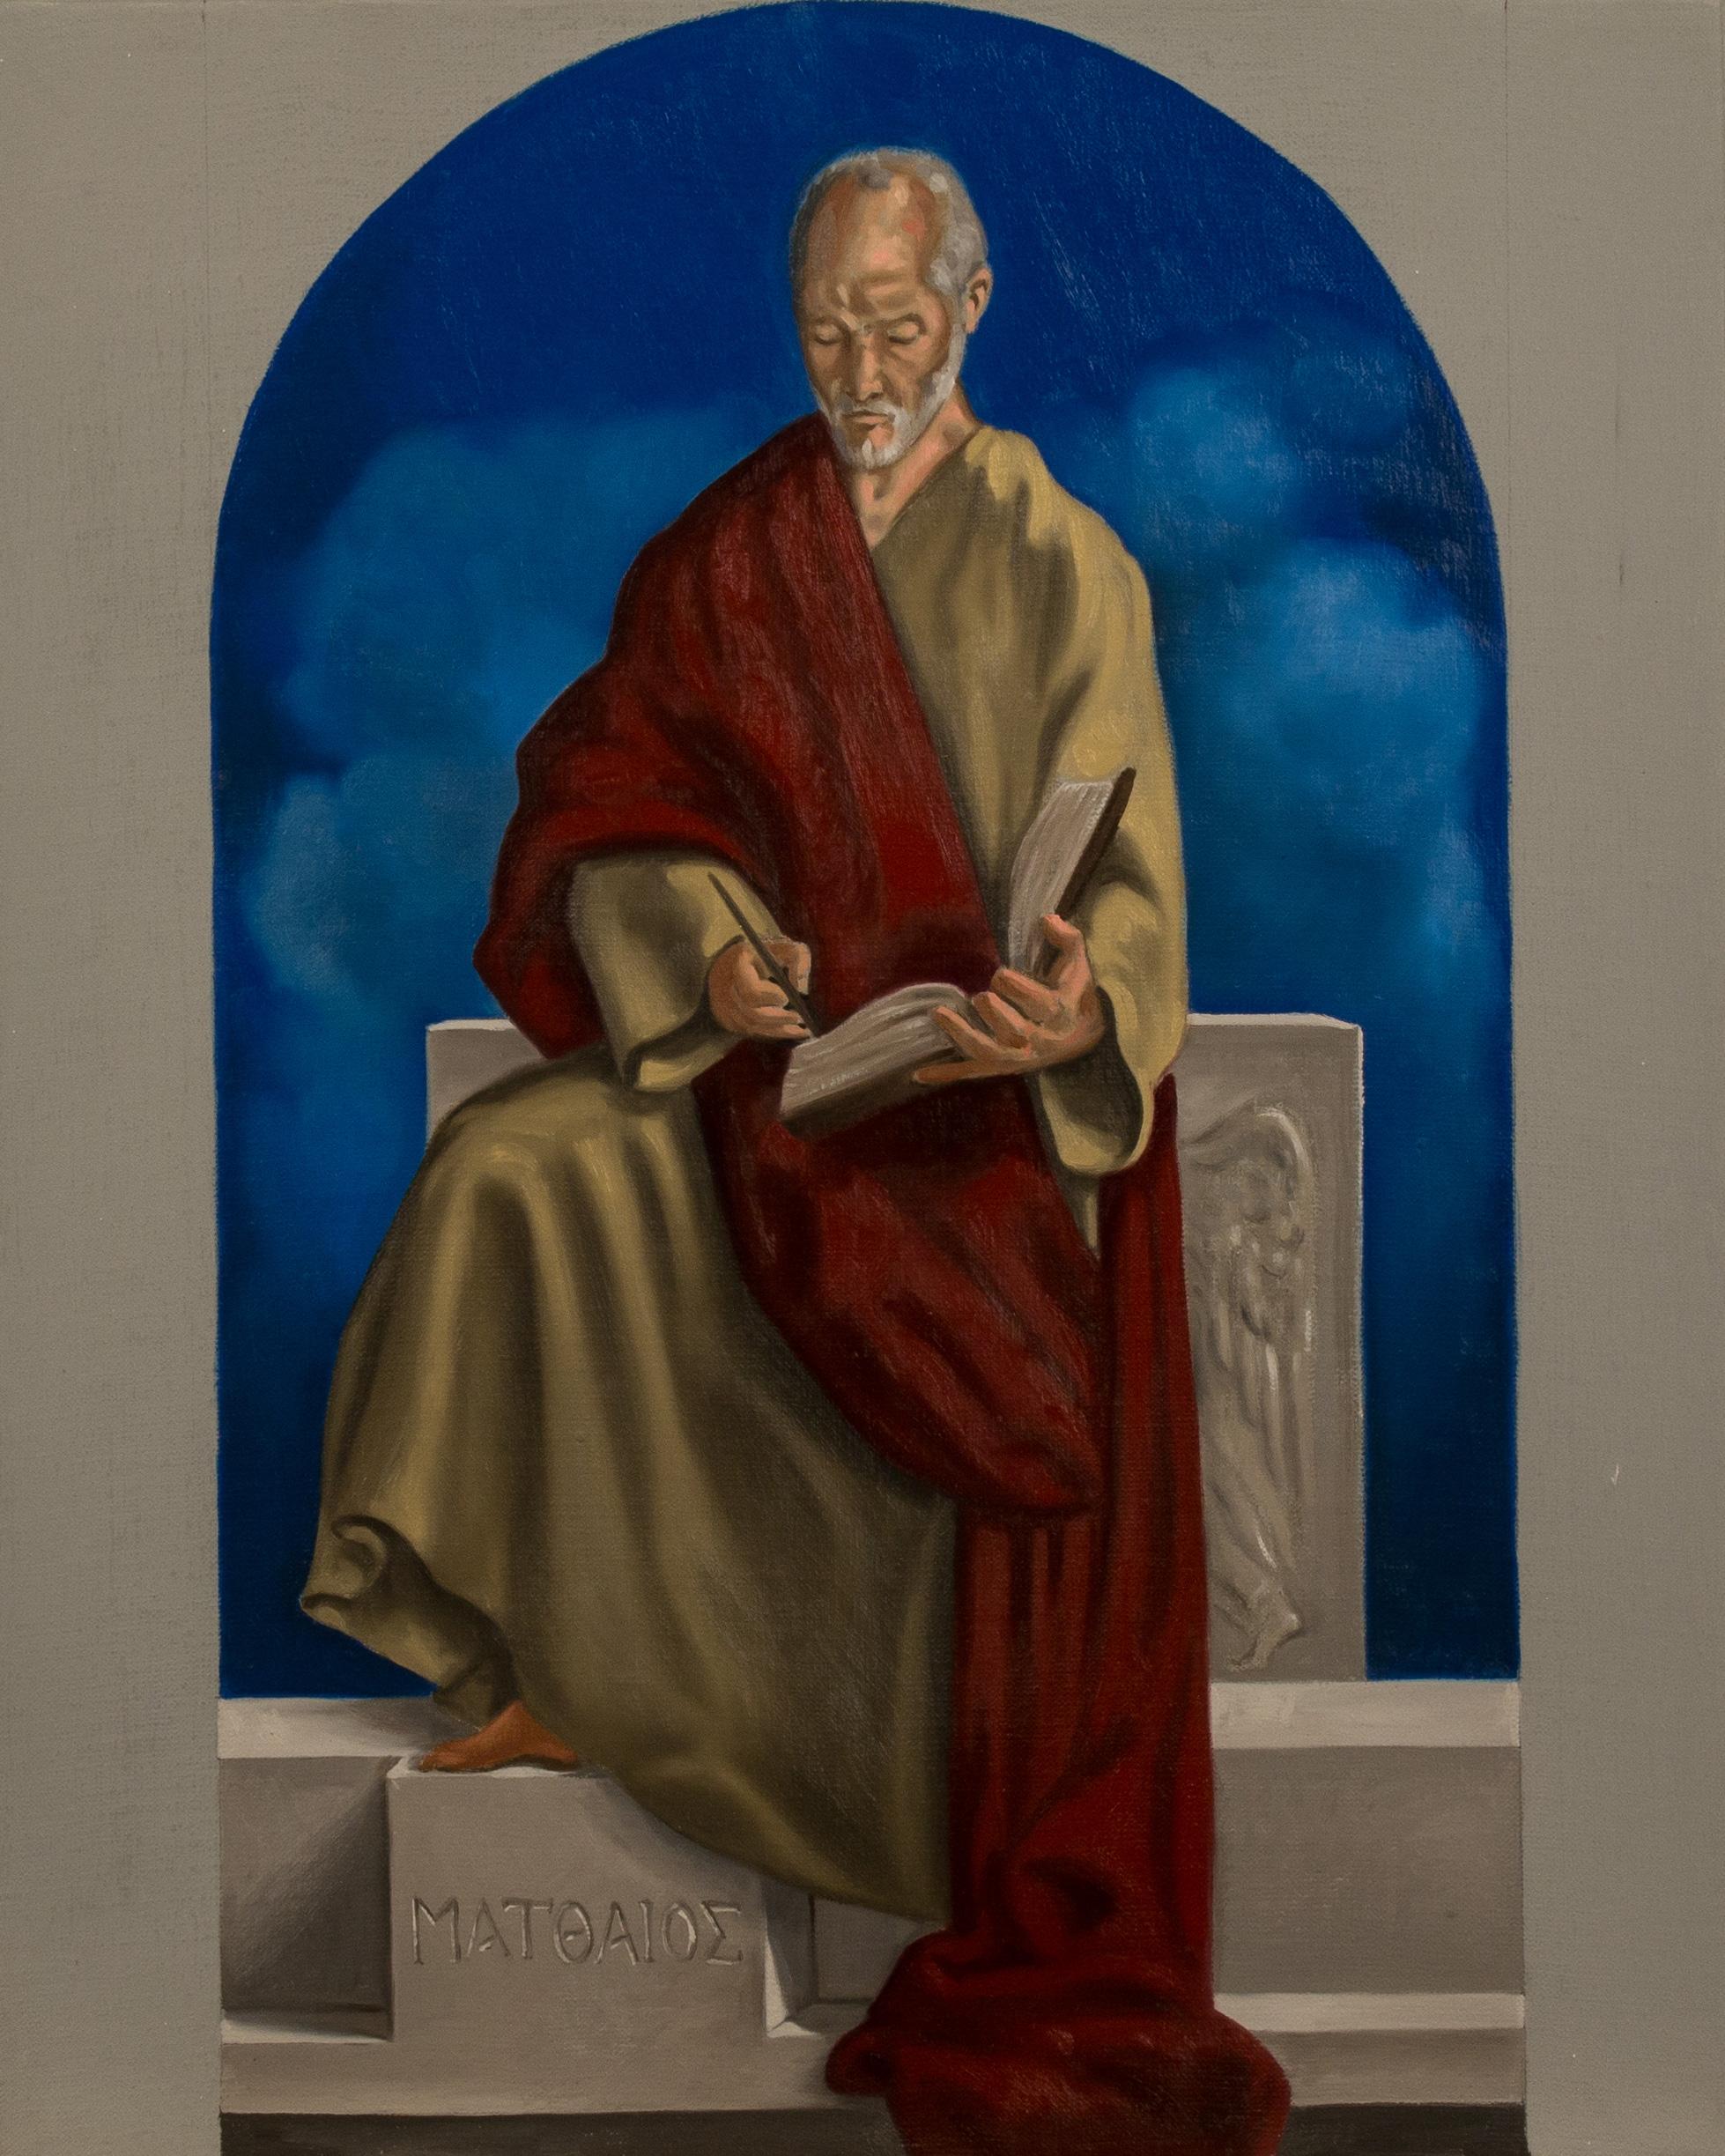 Bozzetto. San Matteo , Ciclo dei Quattro Evangelisti per l'Aula Magna della PUU, olio su tela, cm 50x40, 2014